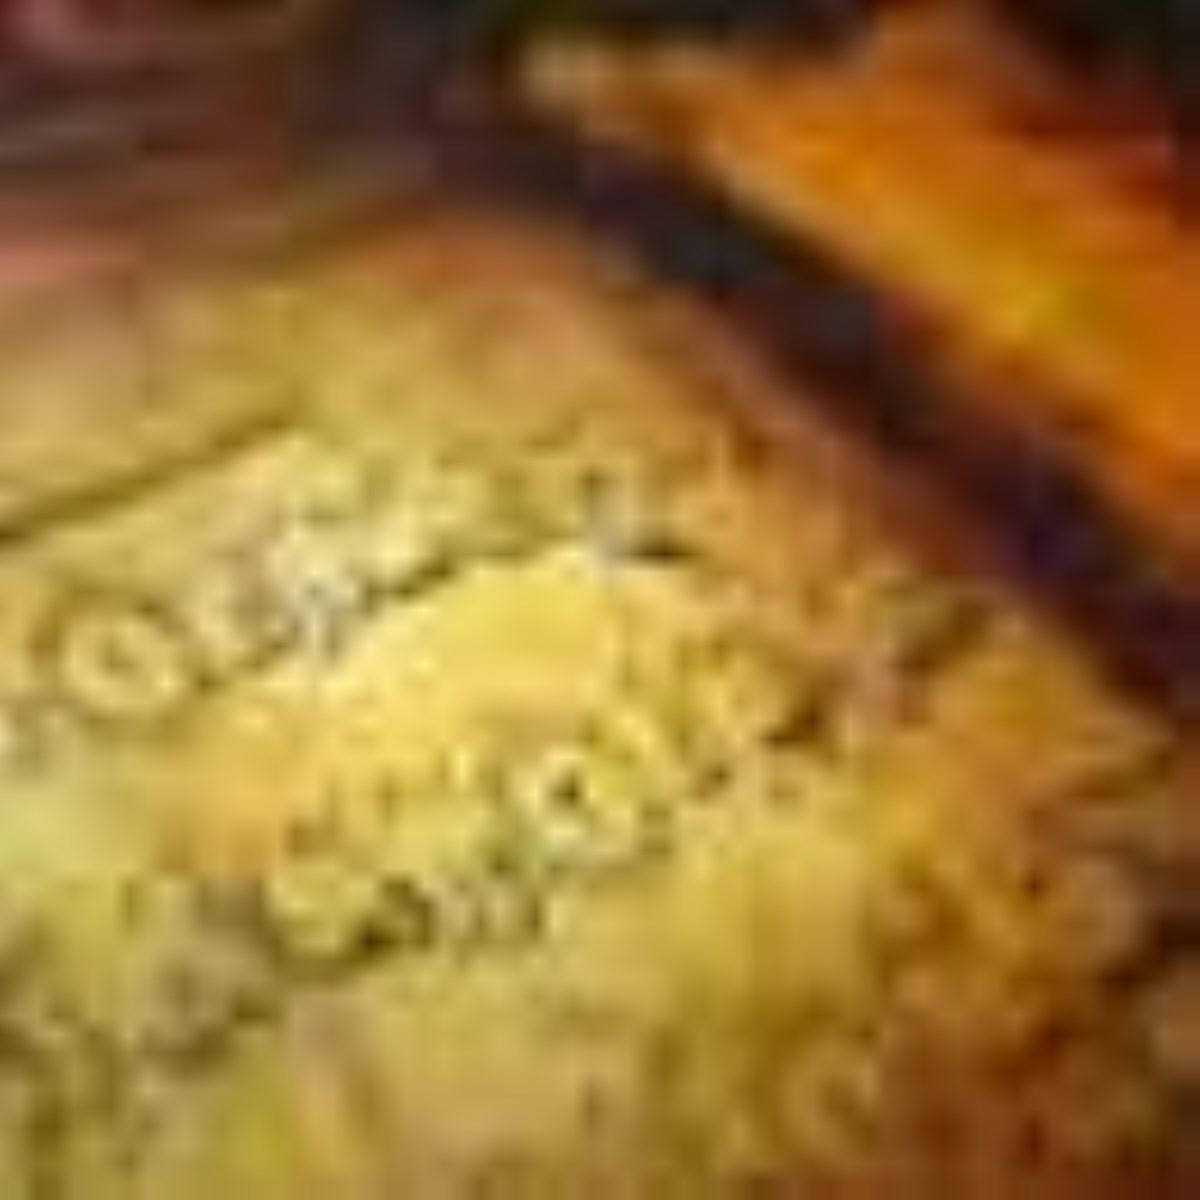 اعجاز قرآن از نگاه قرآن